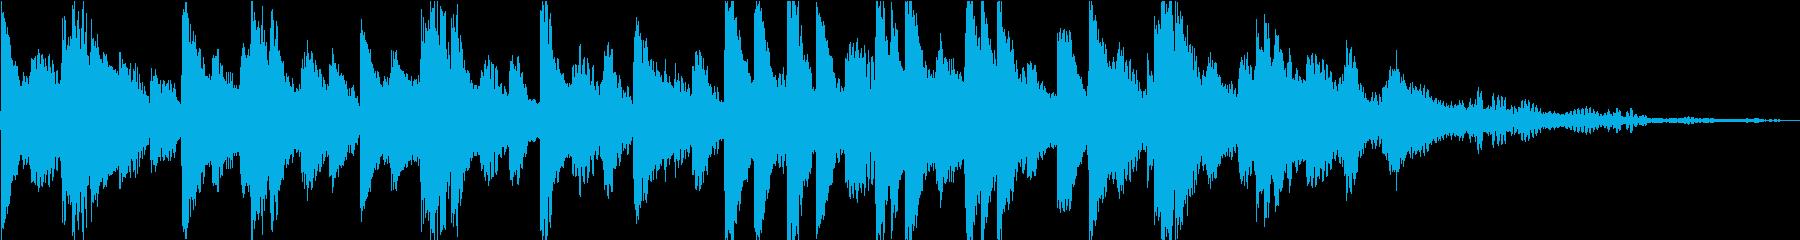 ソロのクラシックピアノ曲。テーマは...の再生済みの波形